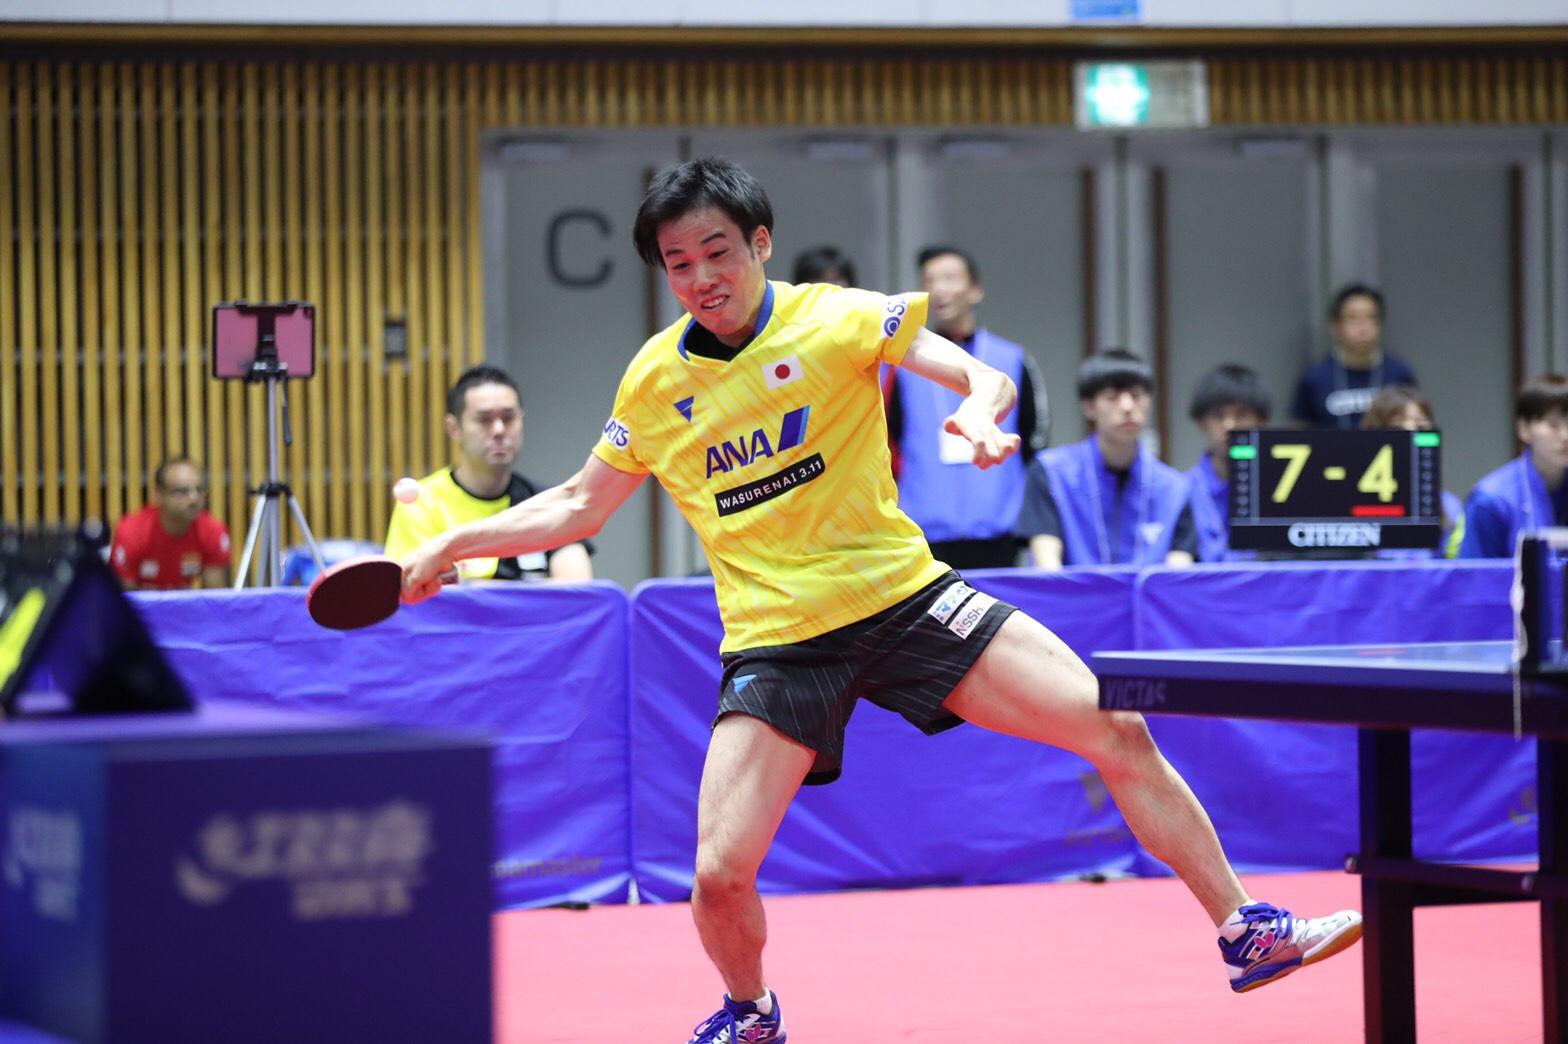 平野友樹 ライオン卓球ジャパンオープン VICTAS JOURNAL 卓球 男子シングルス 2日目